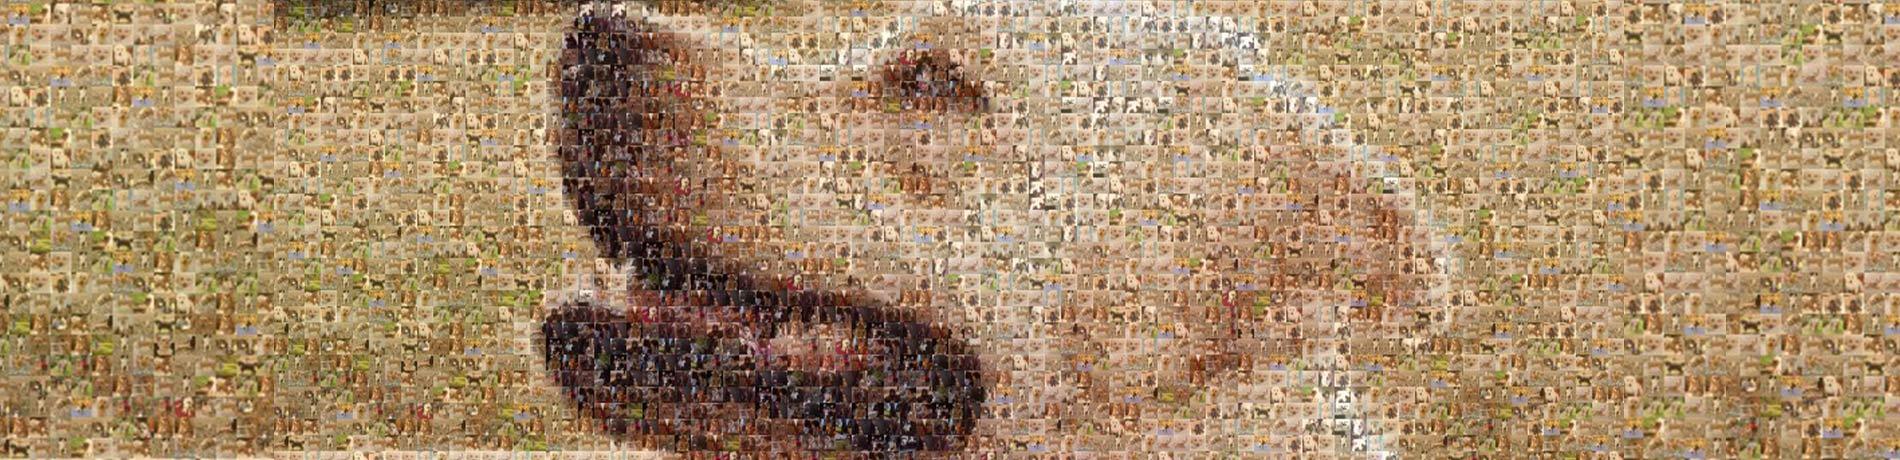 mozaiek honden